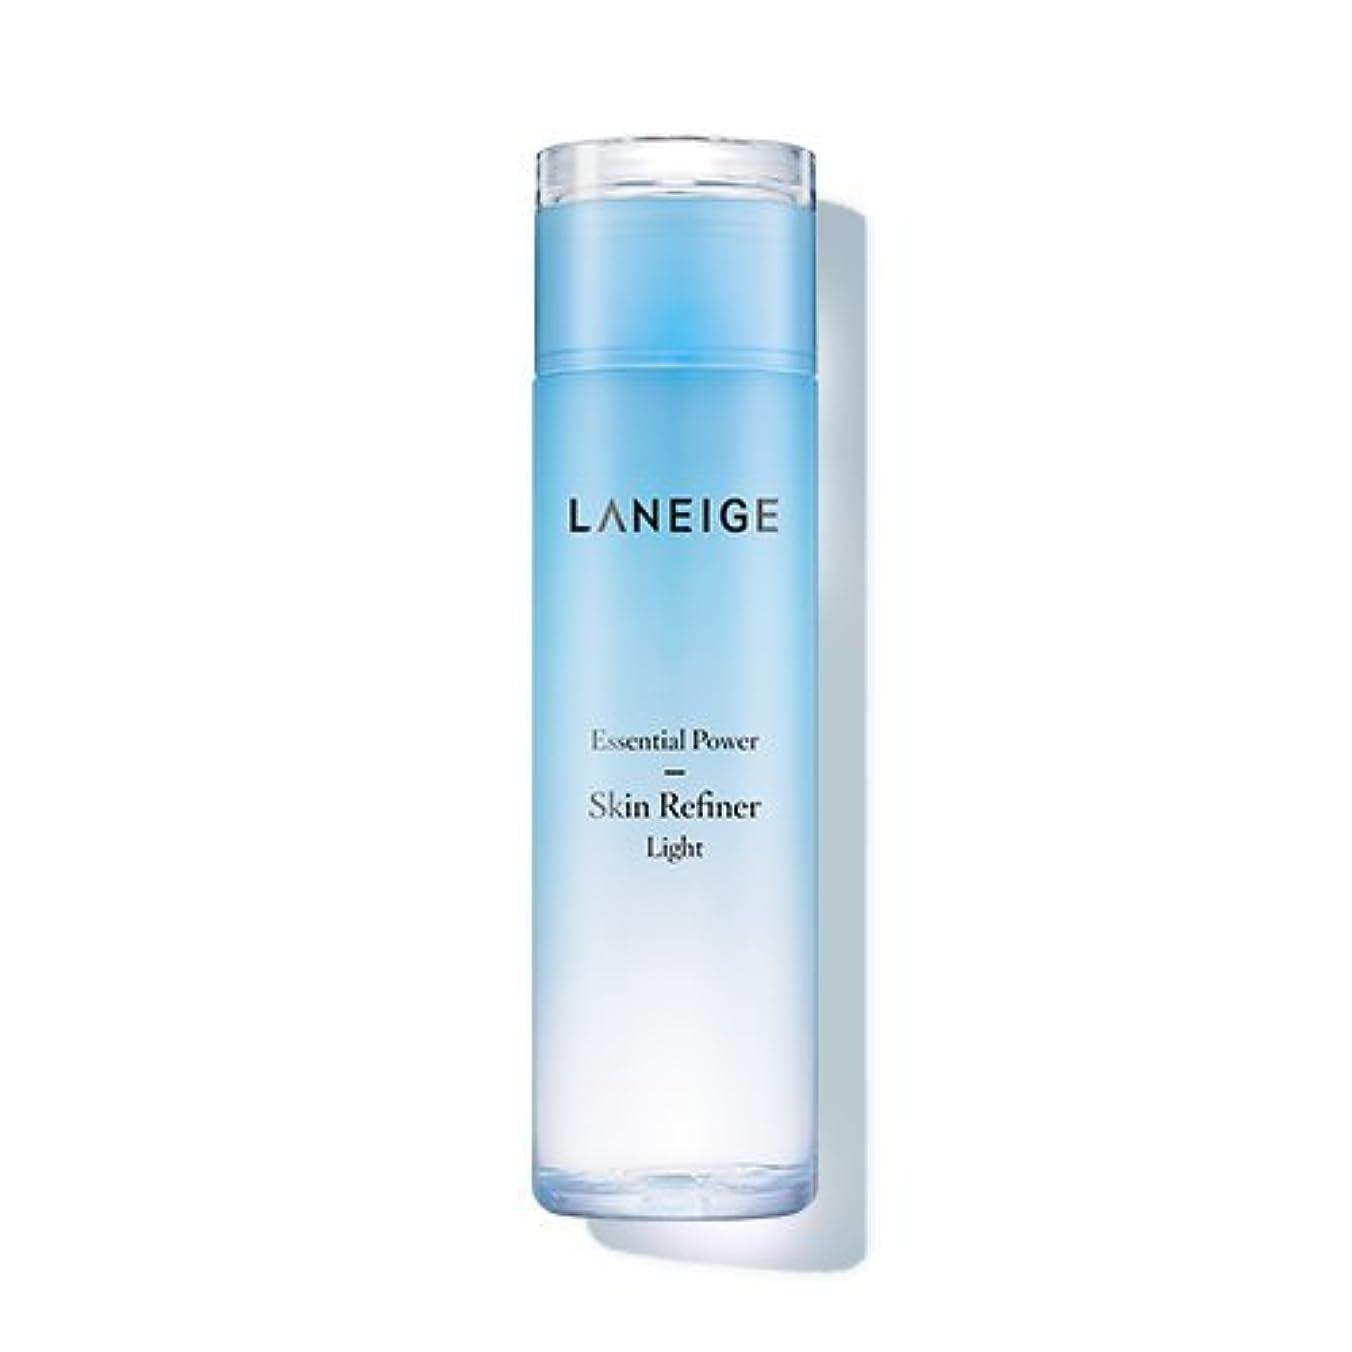 十一名声傾向LANEIGE Essential Power Skin Refiner Light 200ml/ラネージュ エッセンシャル パワー スキン リファイナー ライト 200ml [並行輸入品]